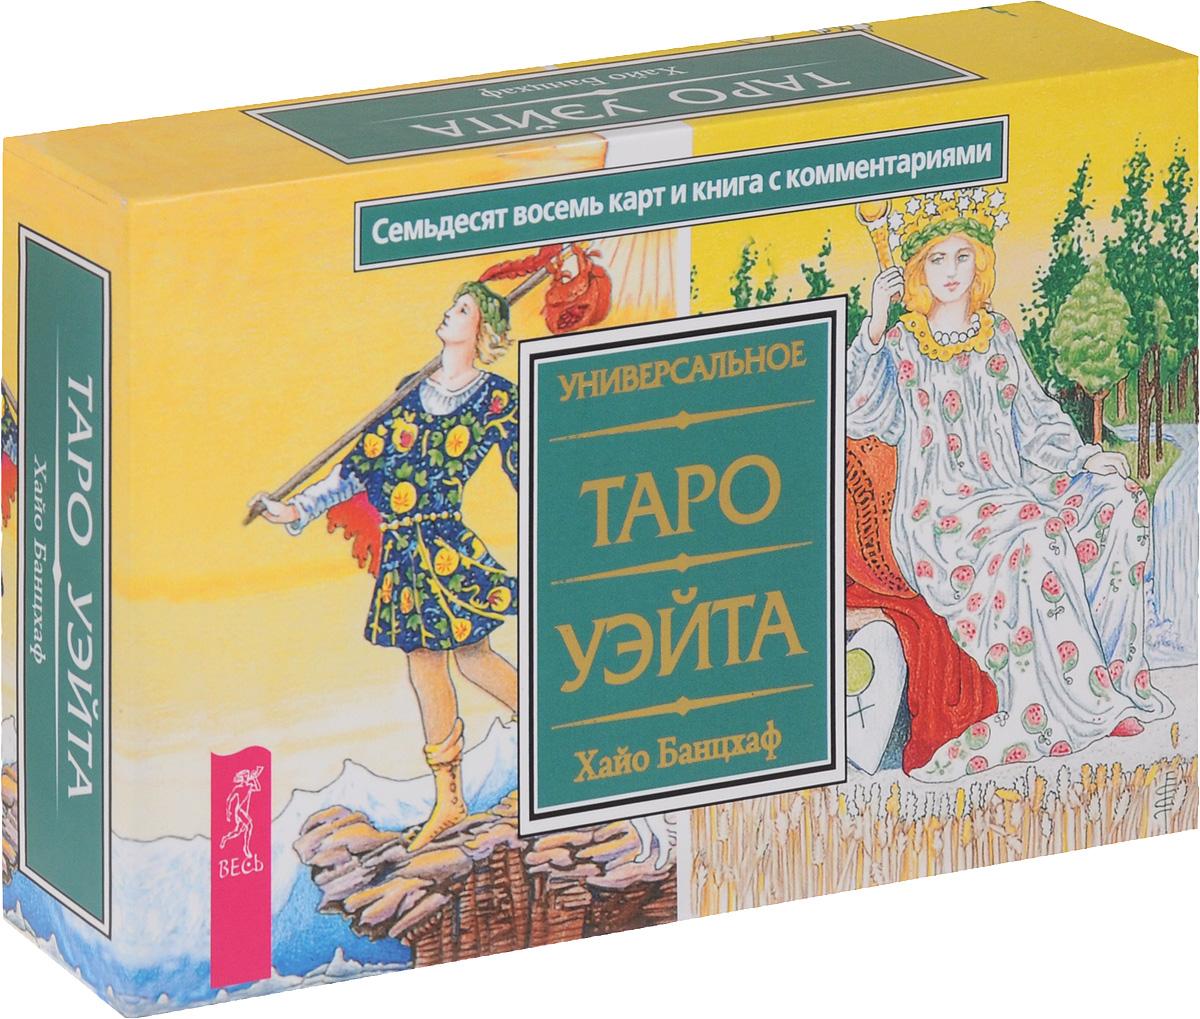 Хайо Банцхаф Универсальное Таро Уэйта (комплект: книга + колода из 78 карт) радужное таро райдера уэйта